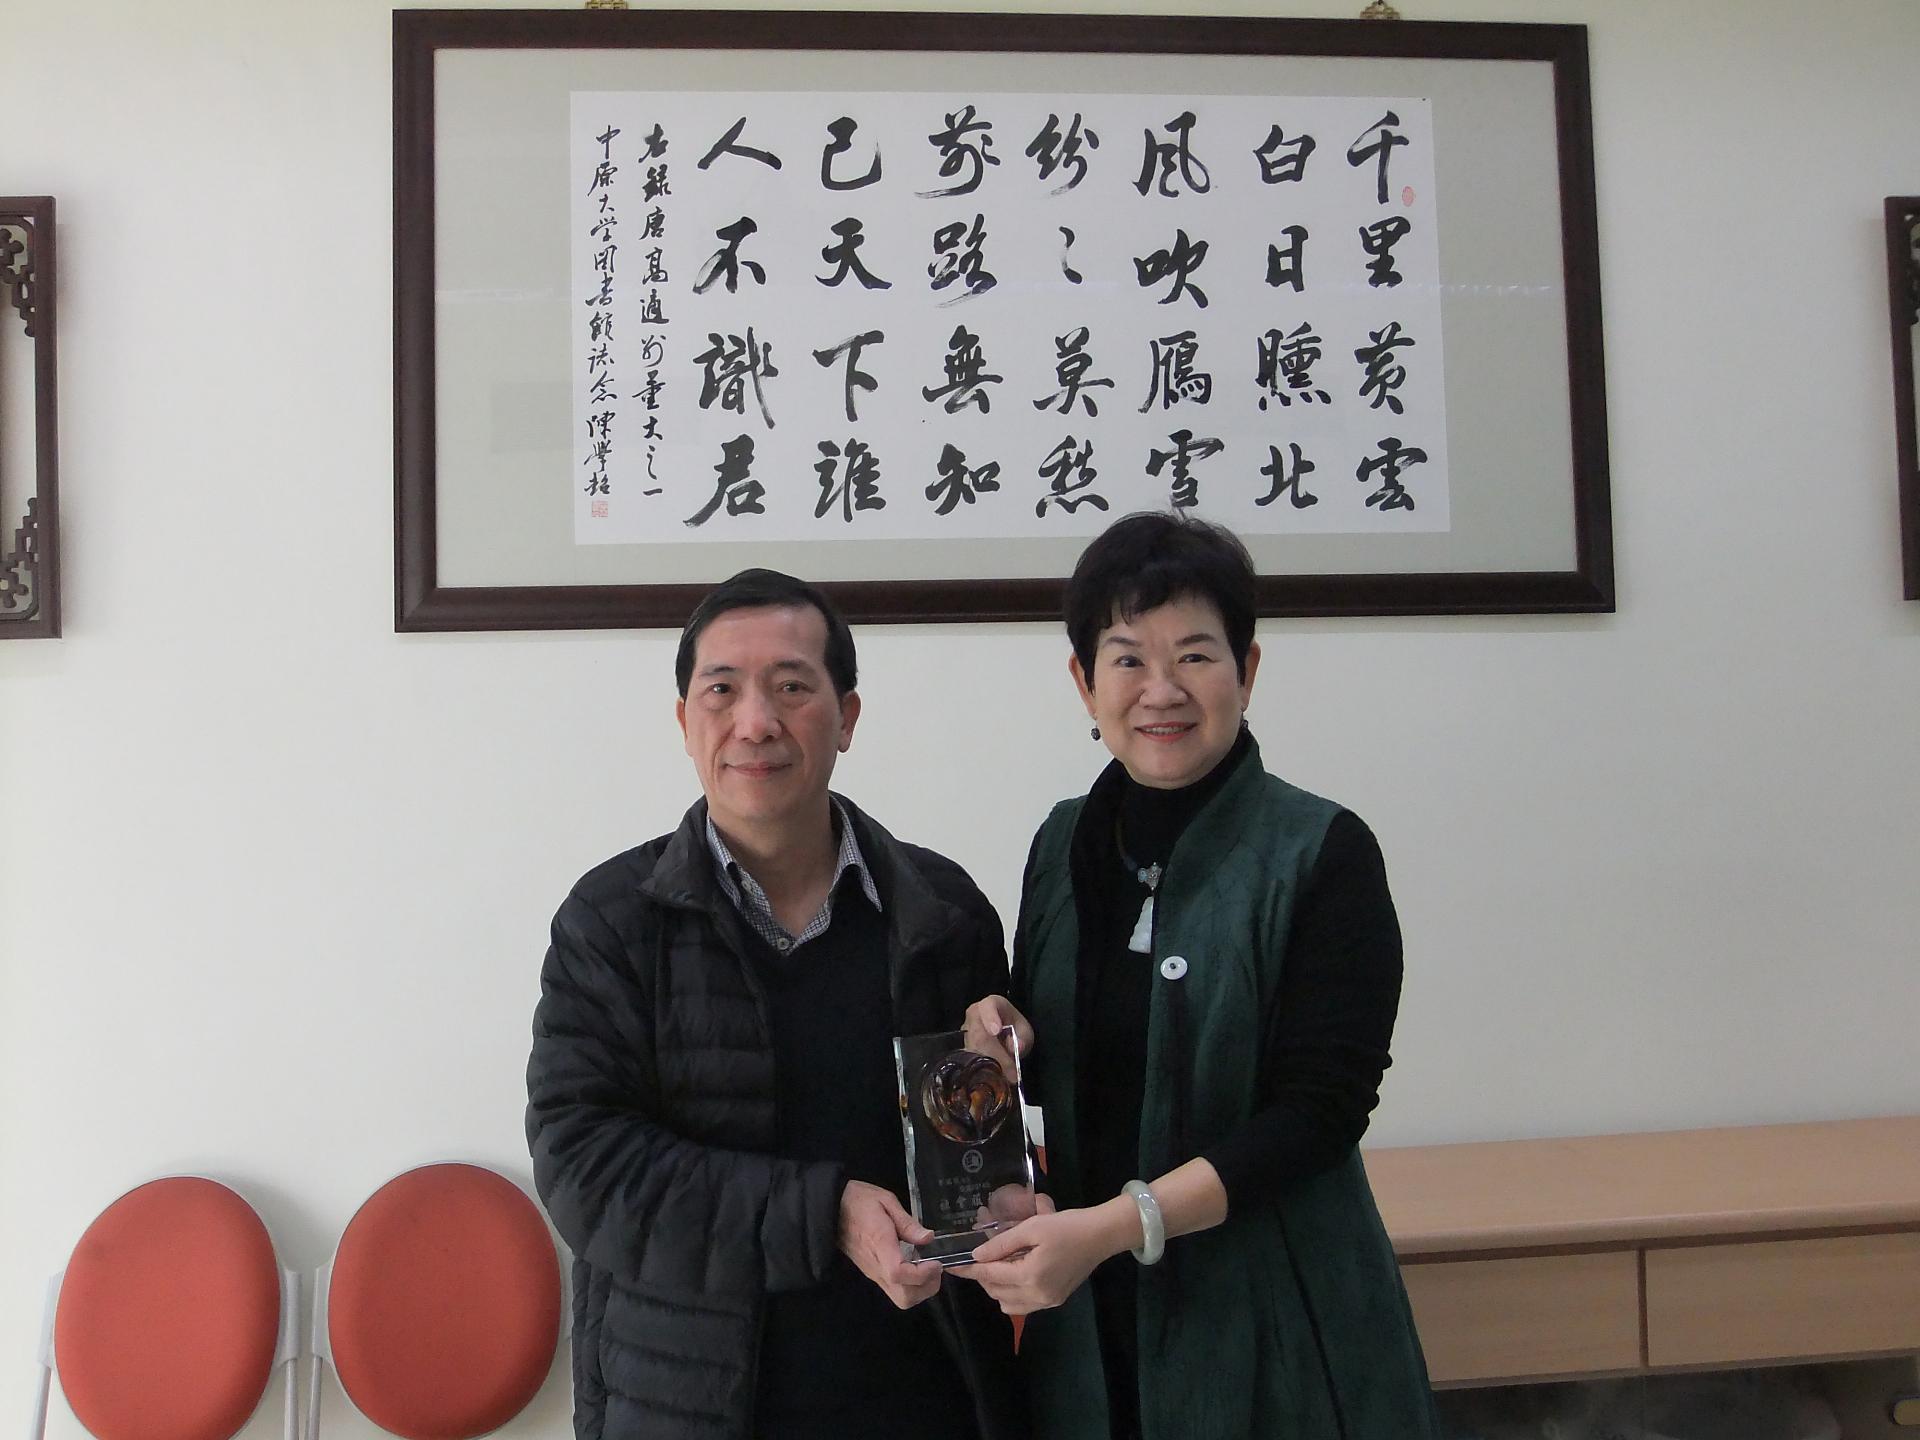 恭賀土木系曹瑞棋校友 榮獲圖書館學會社會服務獎